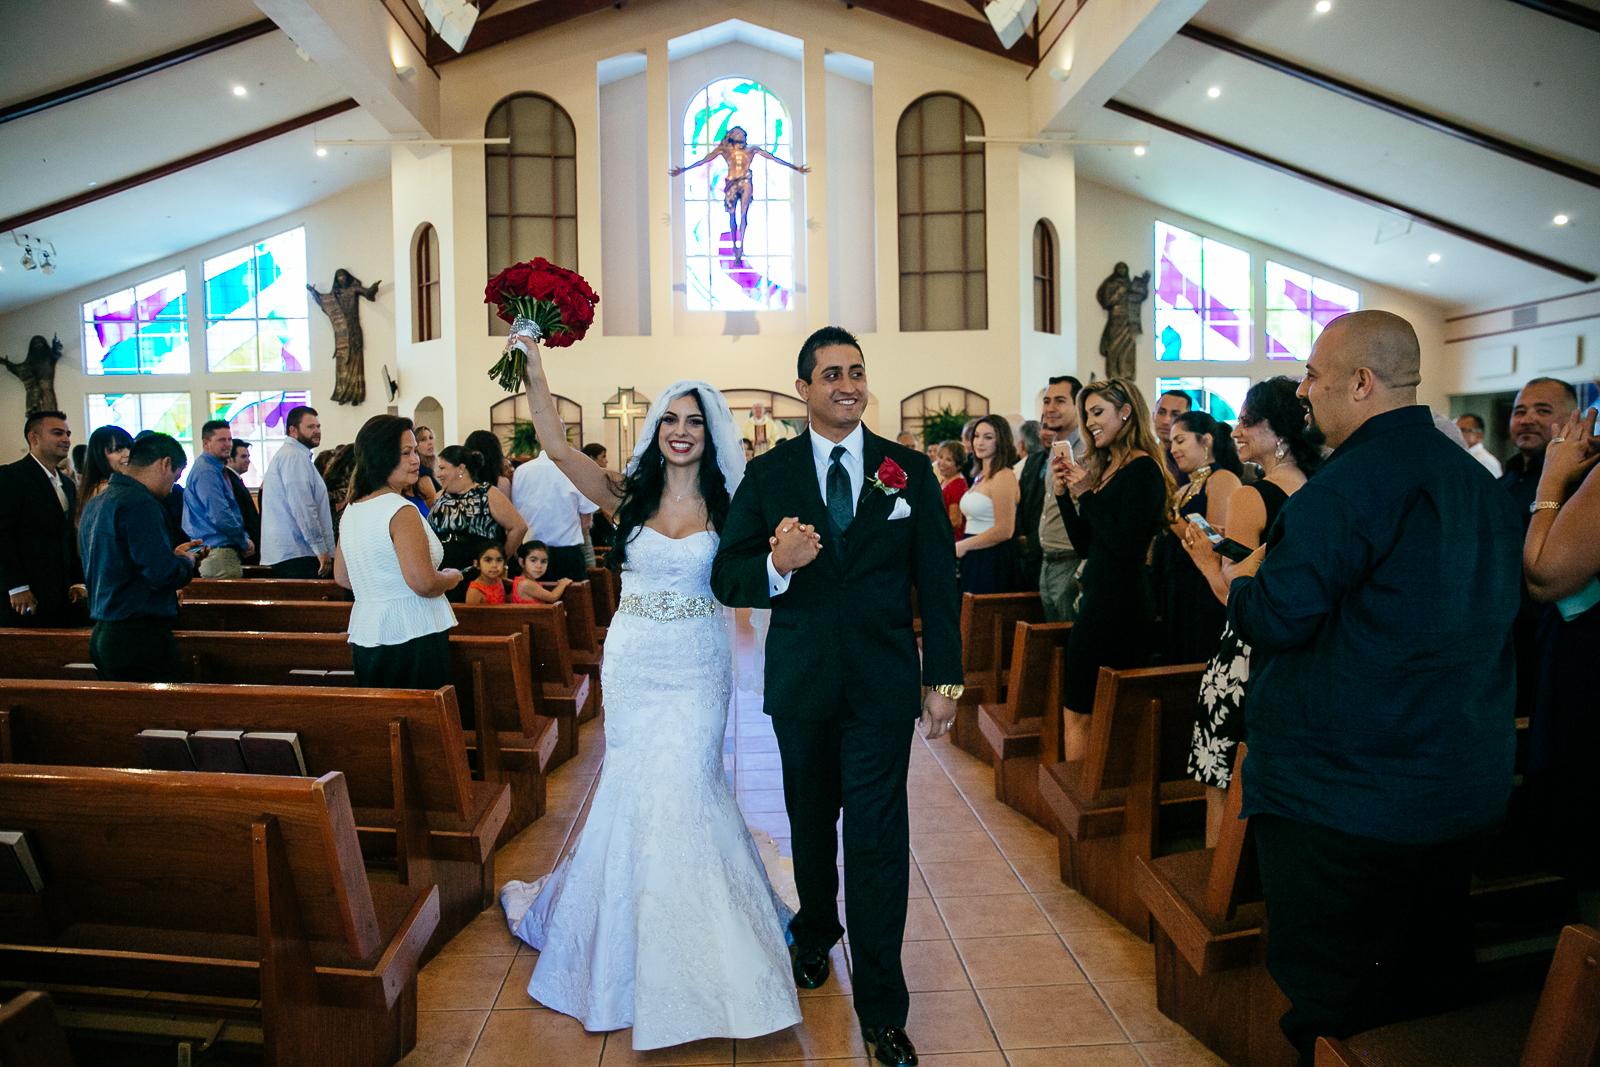 STACIE_&_JESUS_WEDDING_WEDGEWOOD_FALLBROOK_2015_2015_IMG_4282.JPG